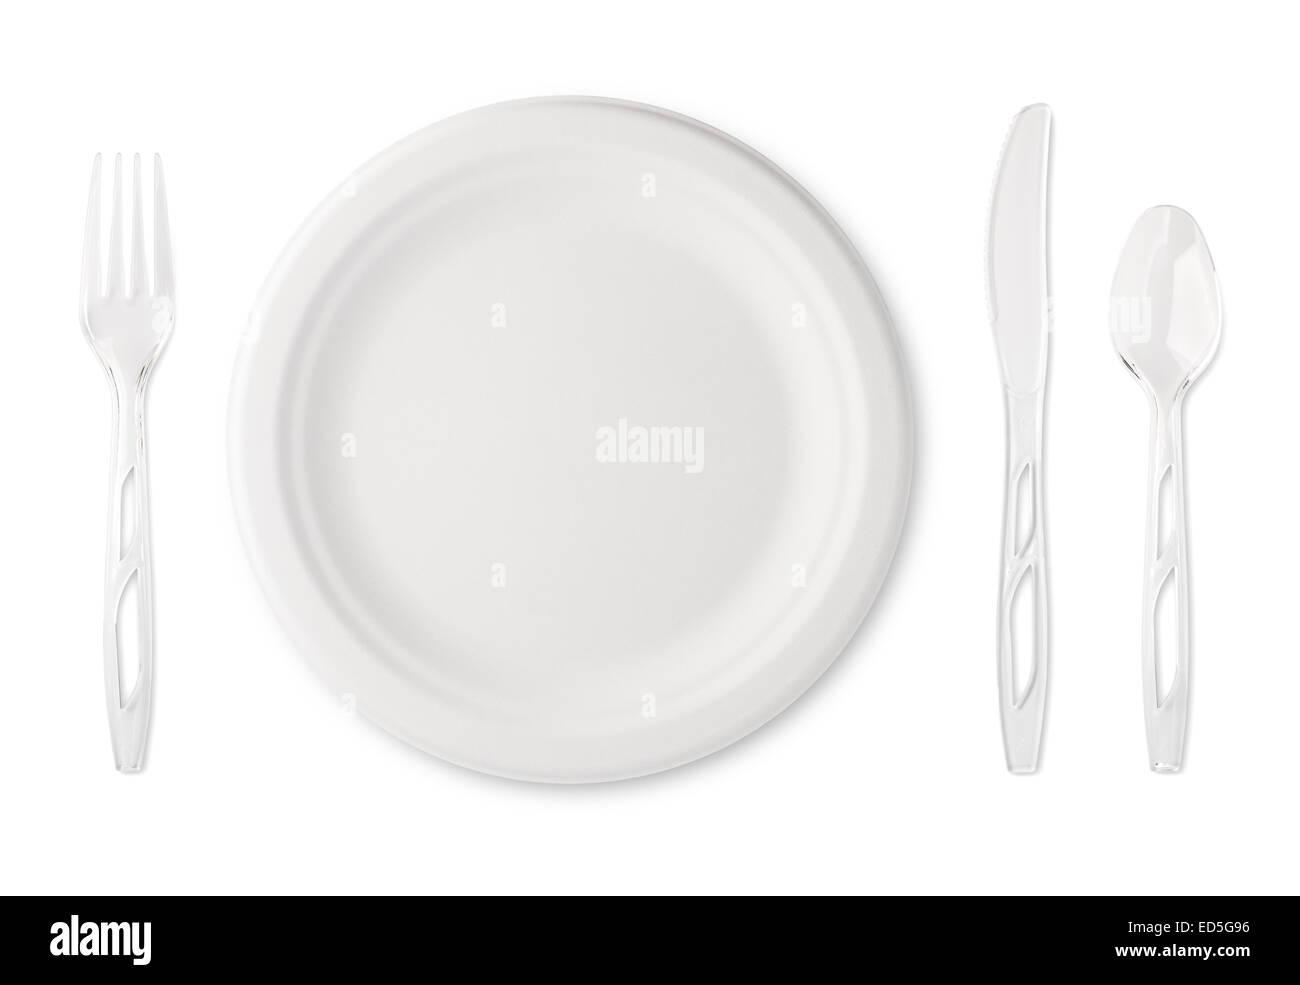 Plato de papel y utensilios de plástico transparente Imagen De Stock